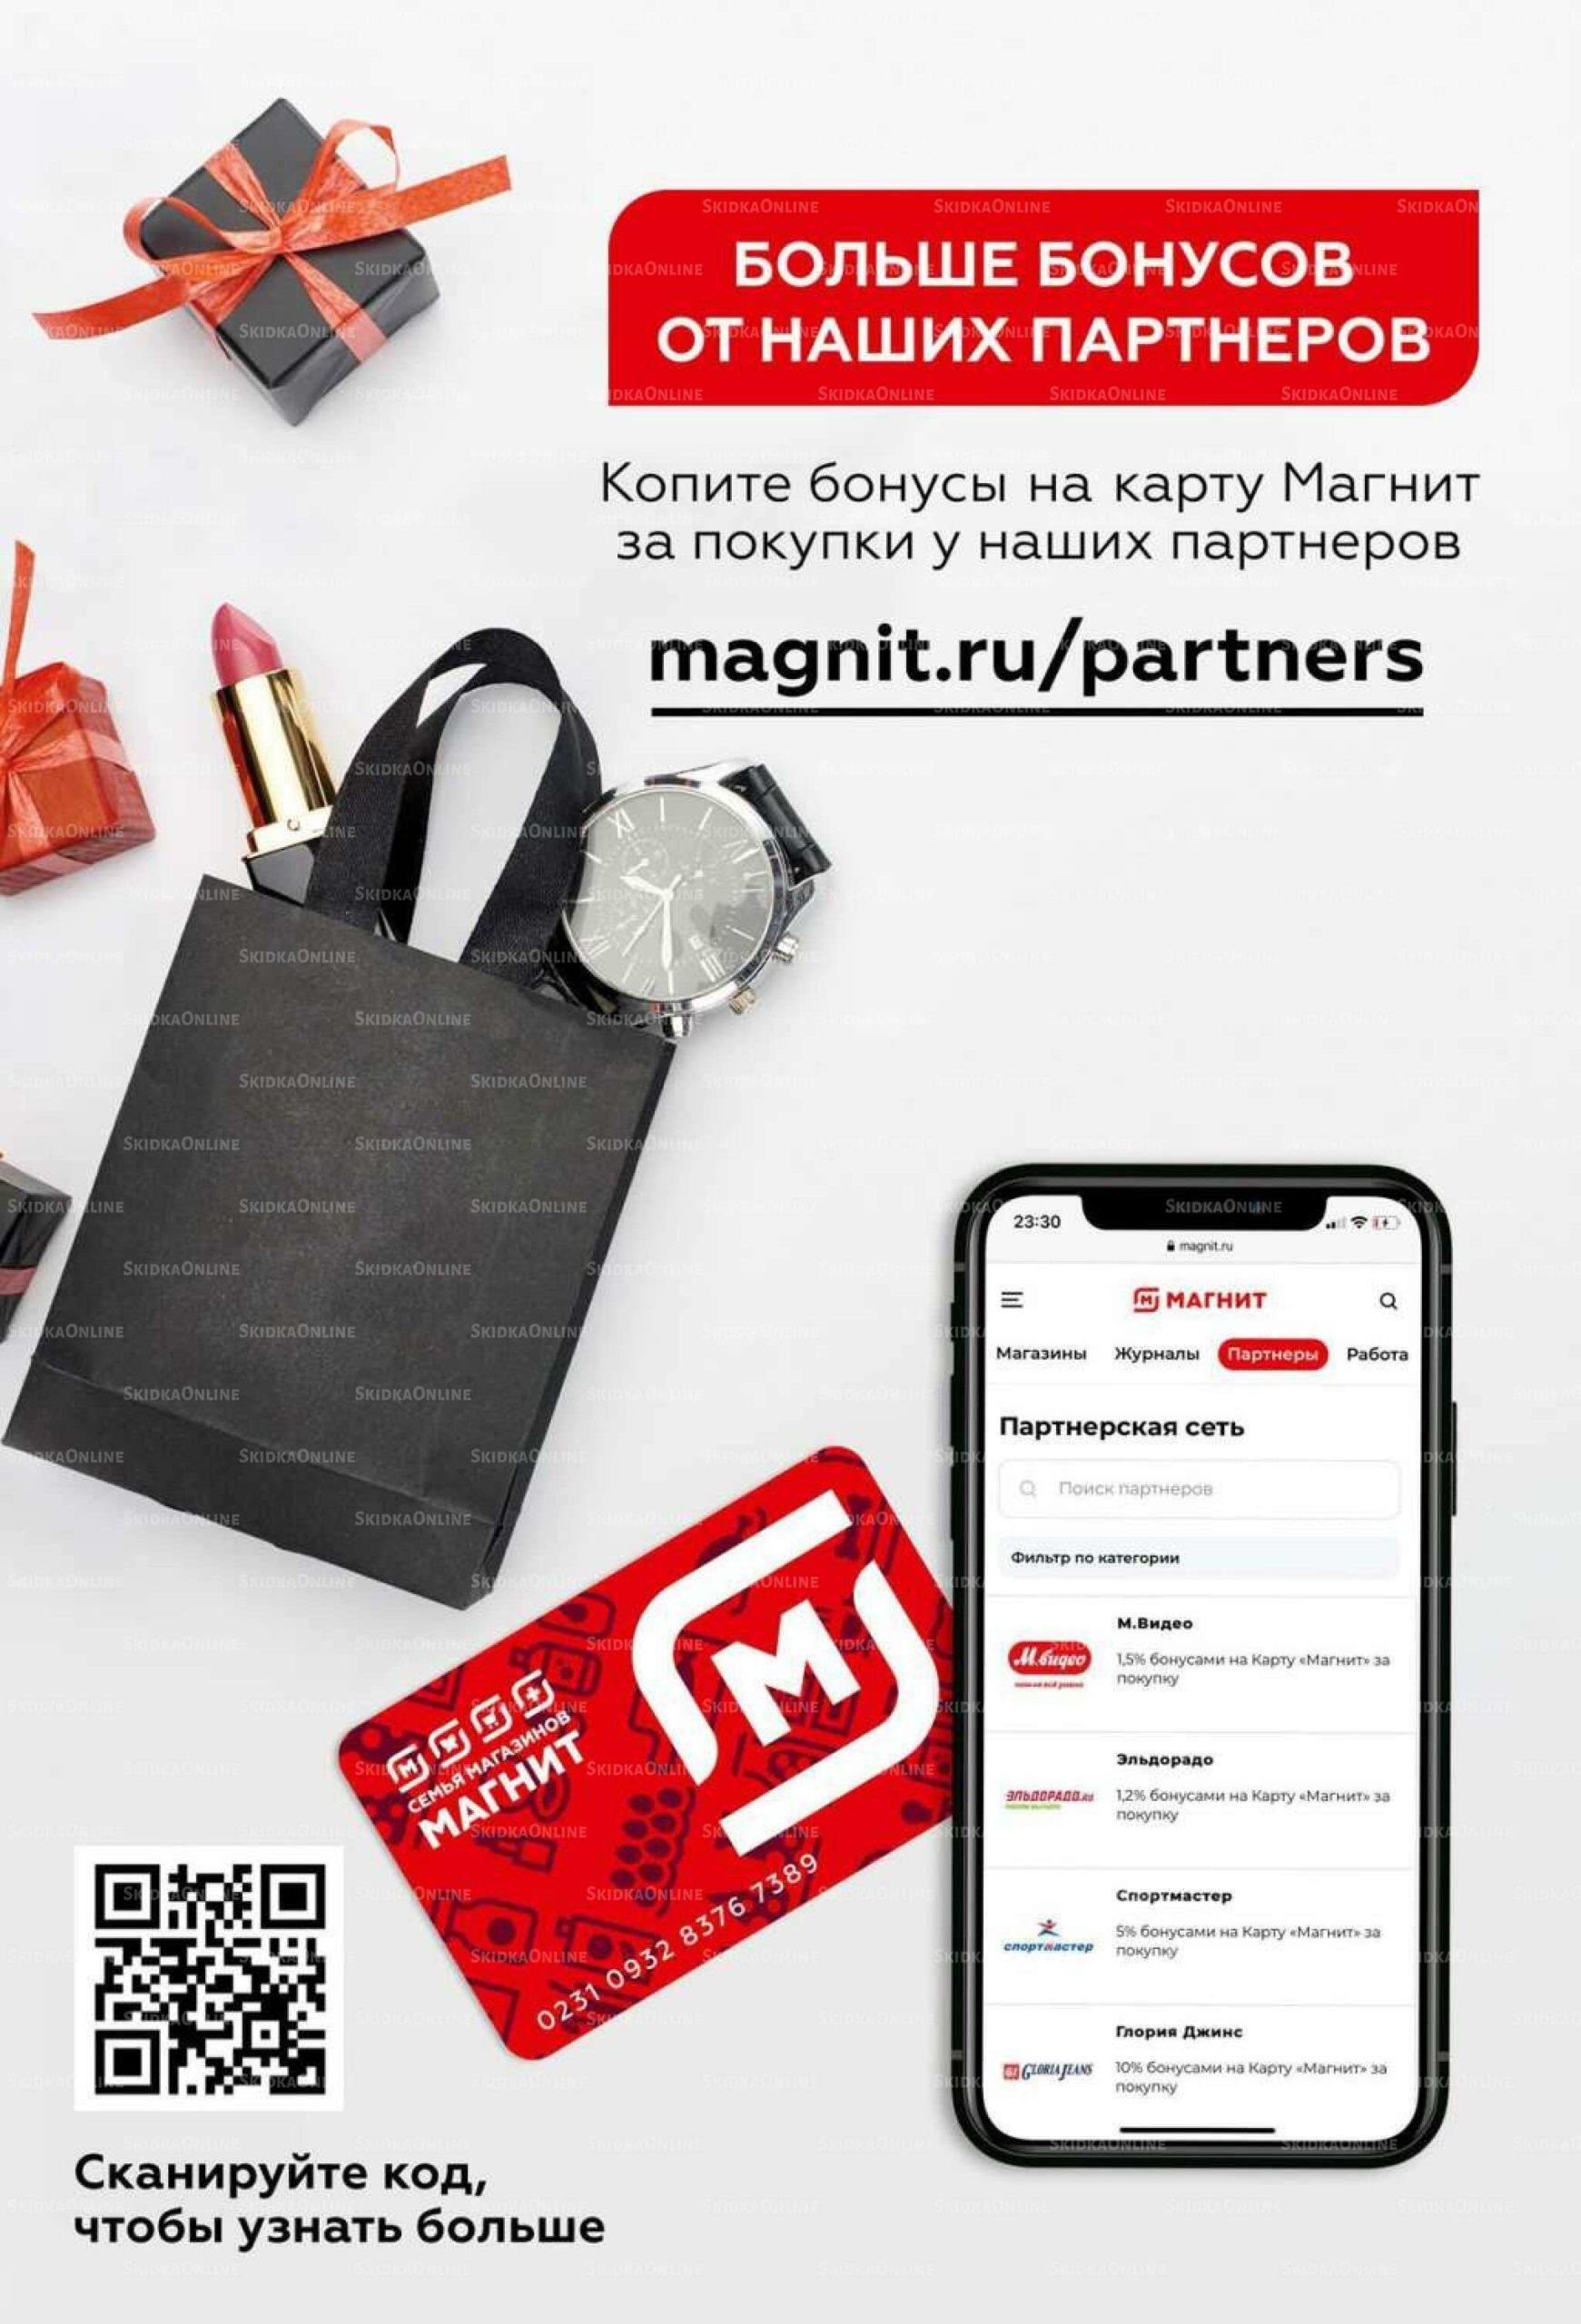 Акции в Магните с 17 по 23 марта 2021 года